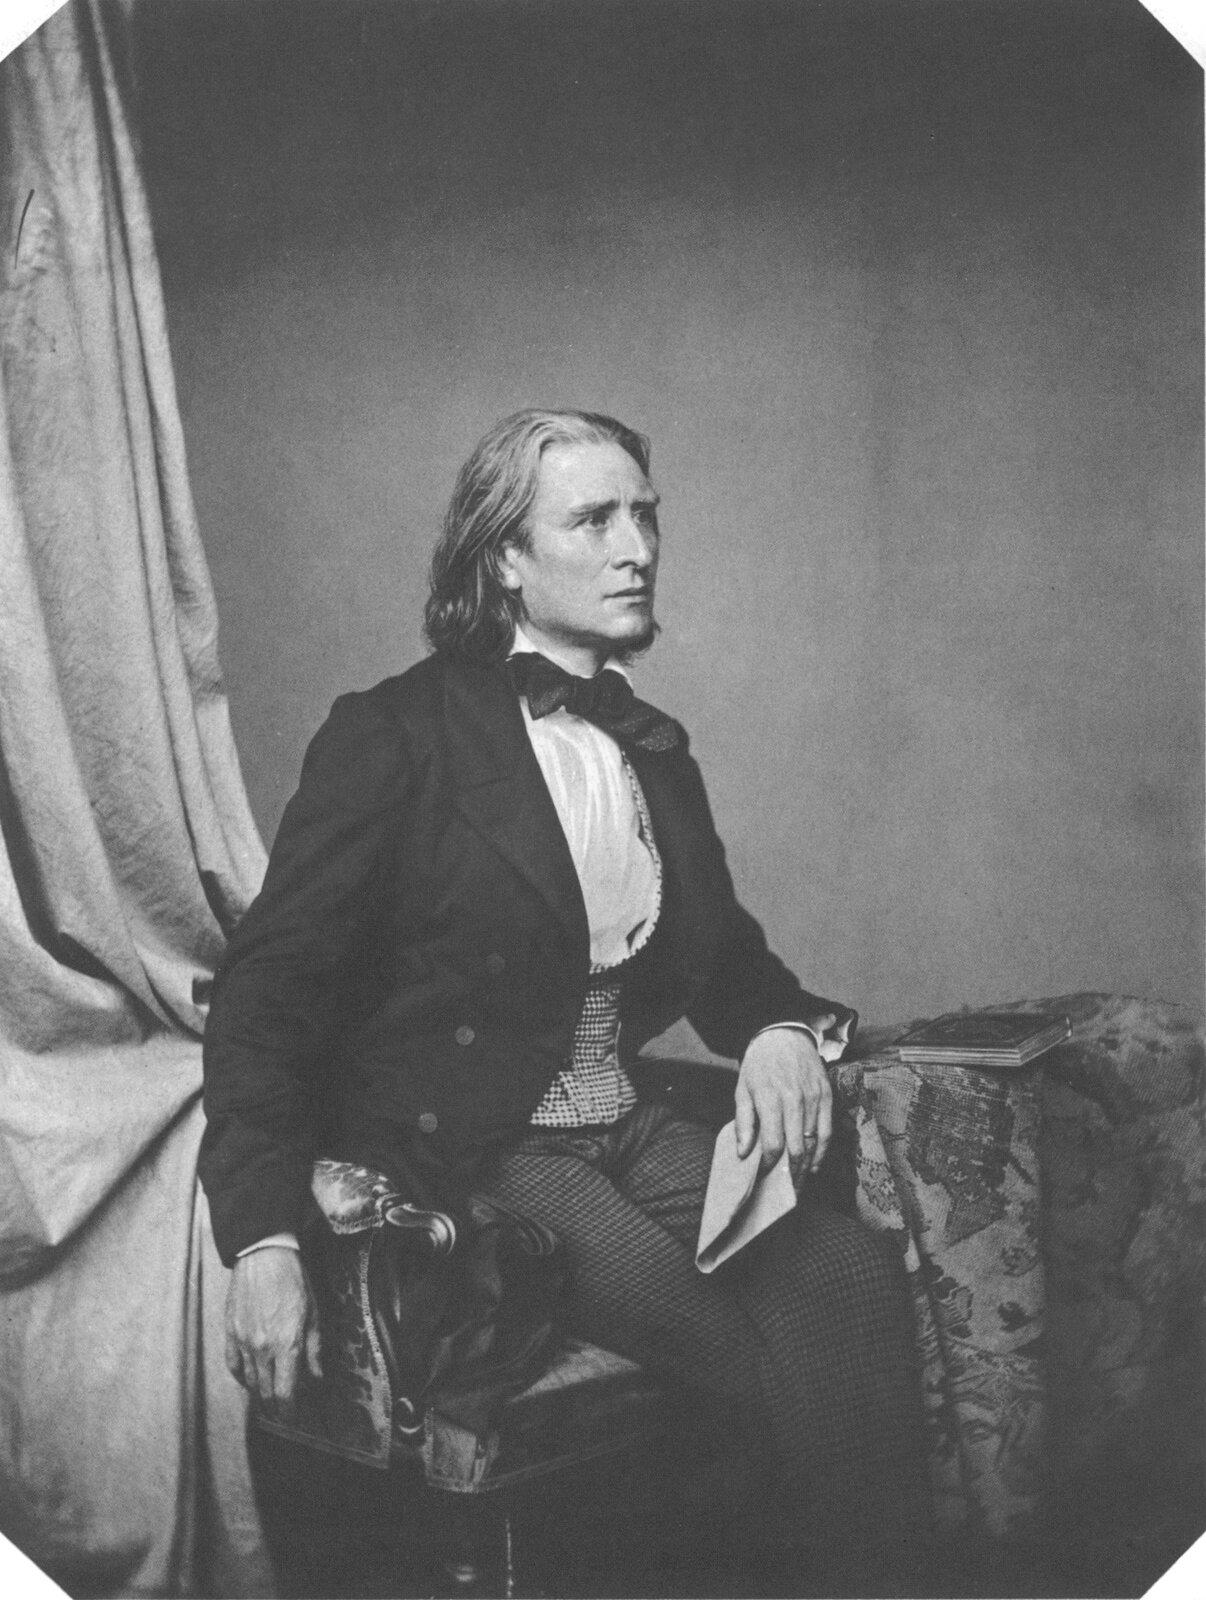 Fotografia przedstawia portret Franciszka Liszta. Mężczyzna patrzy przed siebie, siedzi na pięknie zdobionym krześle, ma długie włosy ispokojny wyraz twarzy.